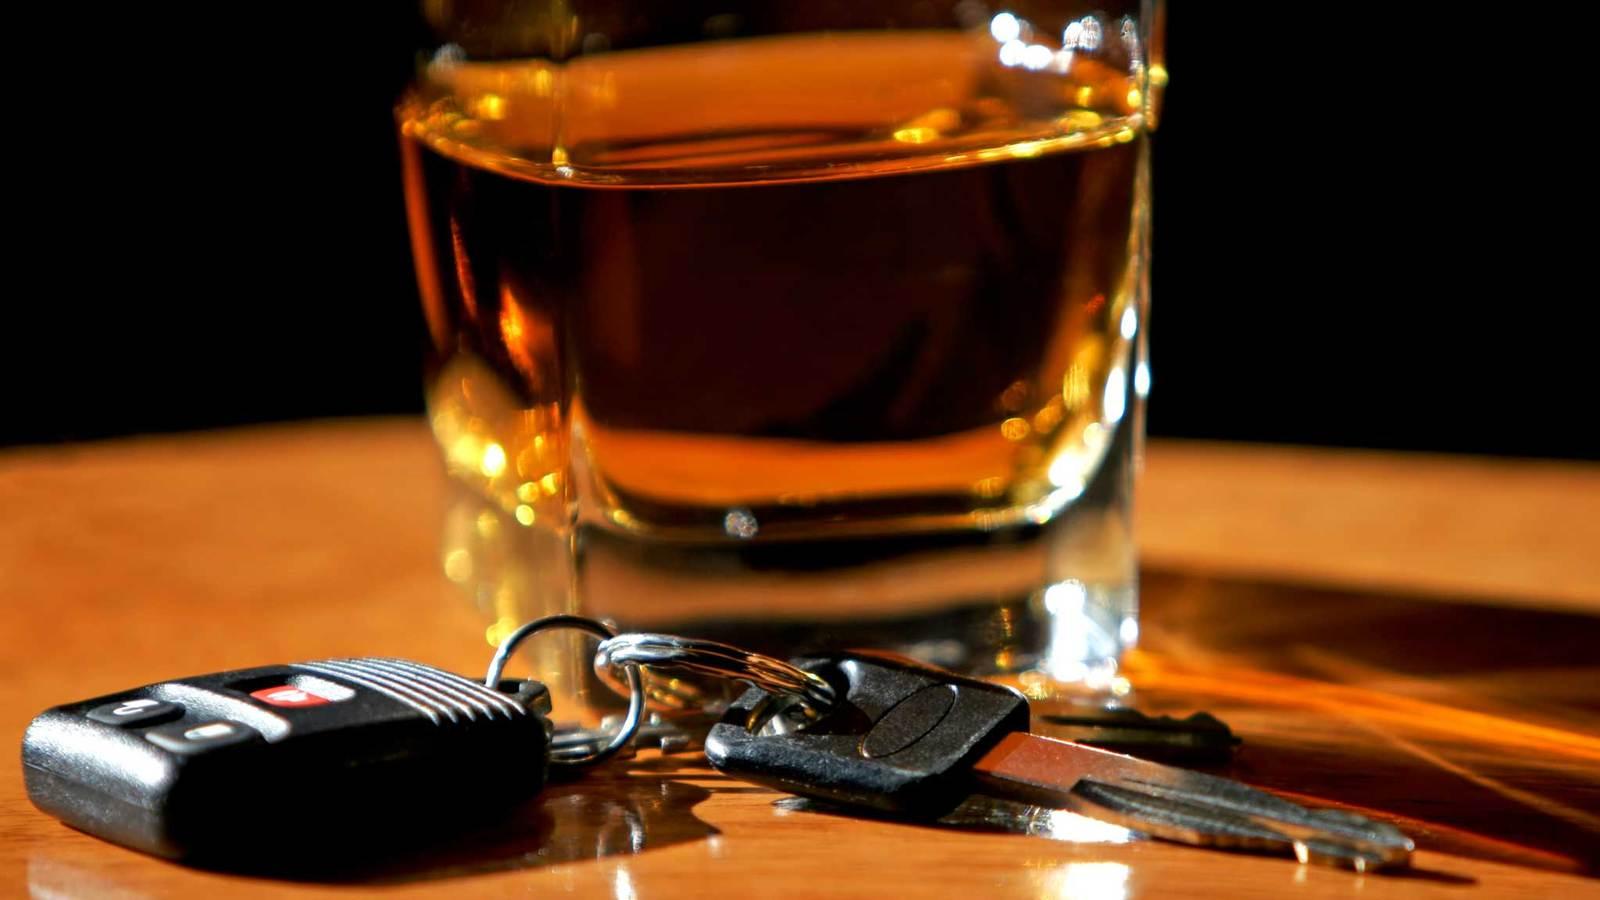 На выходных в Новгородской области каждые два часа задерживали по пьяному водителю